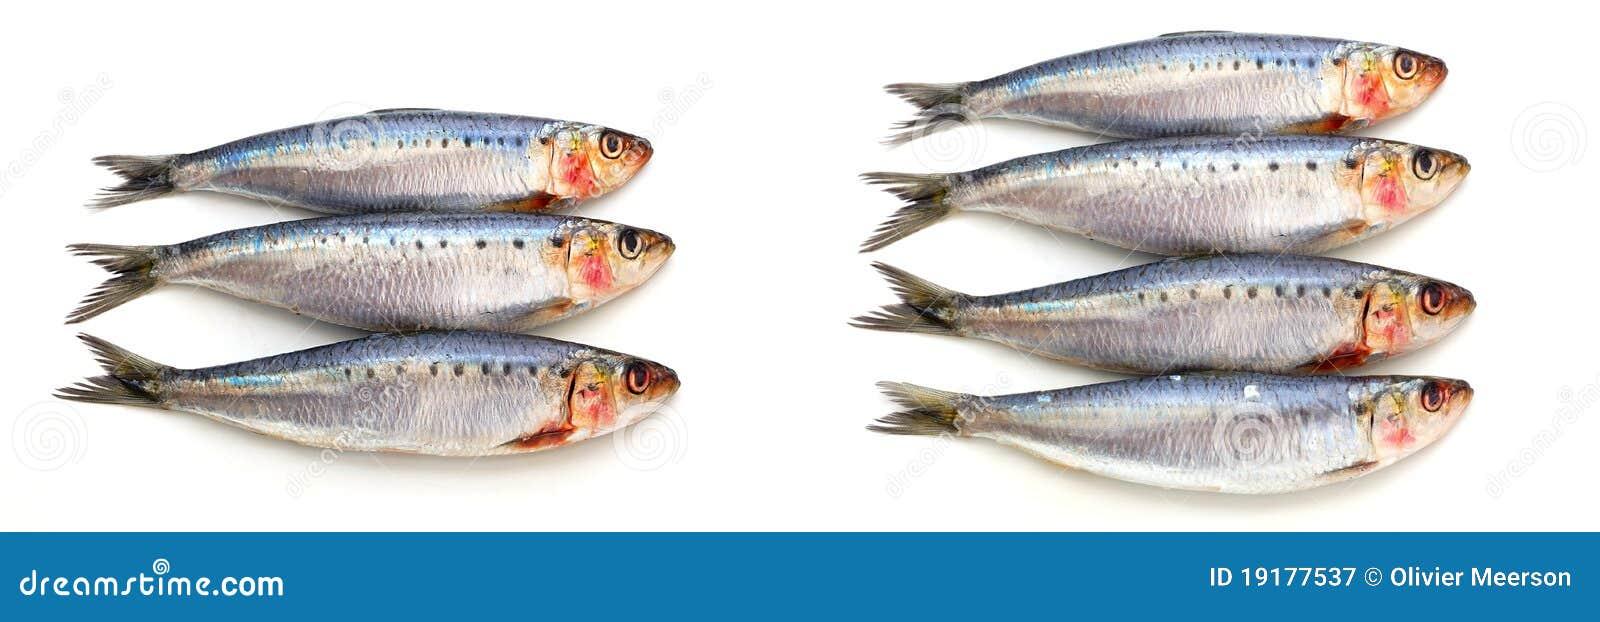 Fresh sardine fish